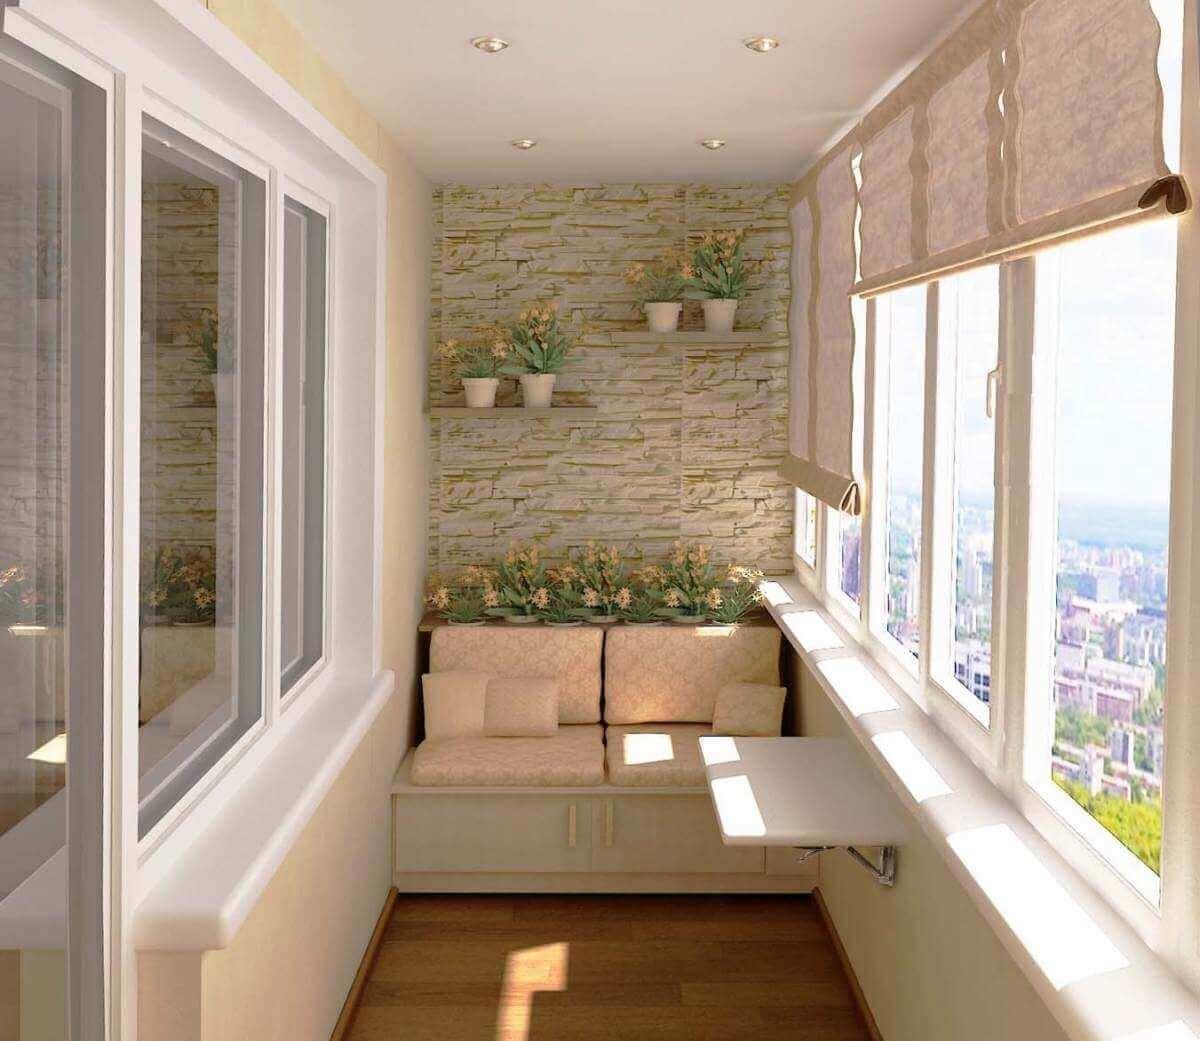 Ремонт балконов и лоджий екатеринбург дефекты остекления балкона